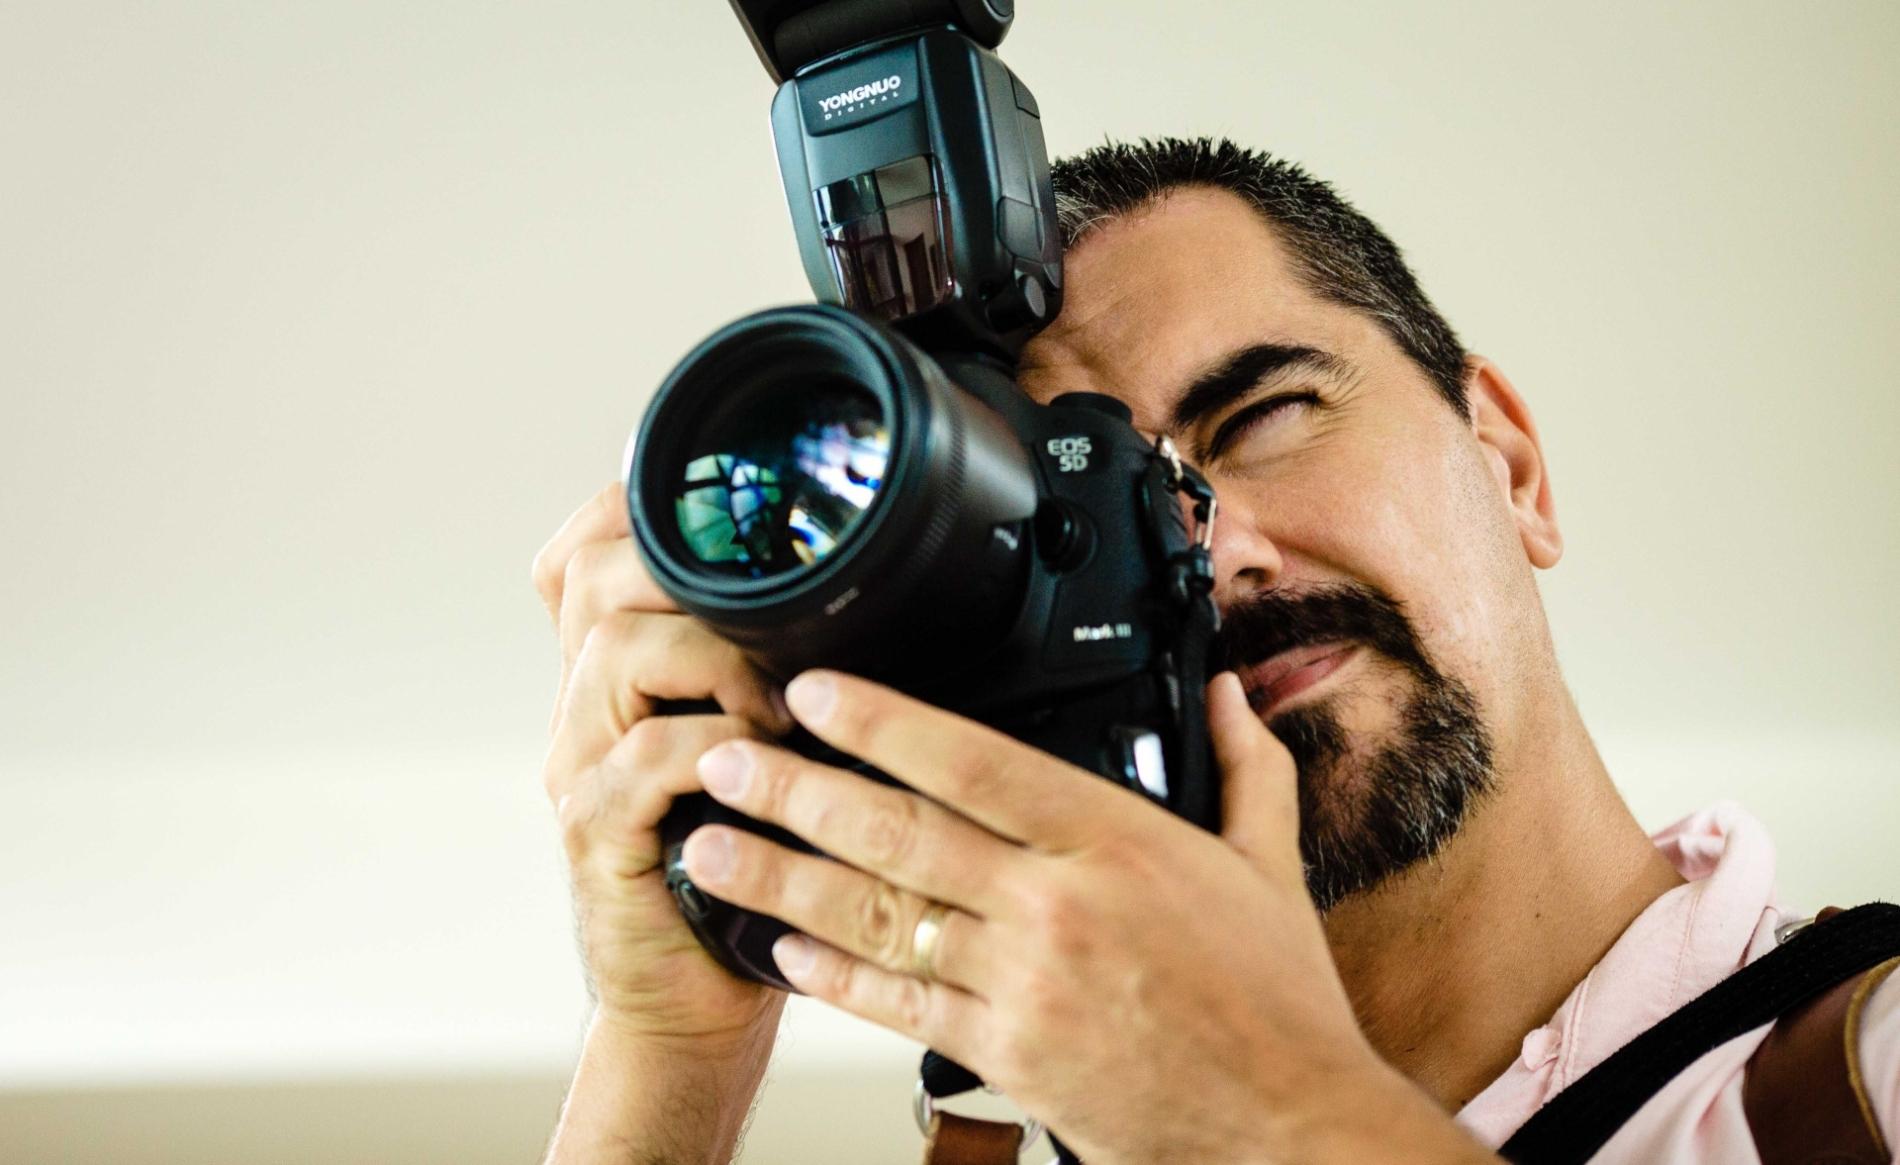 Fotograf Ealings London, der die Kamera an einer Hochzeit bearbeitet.